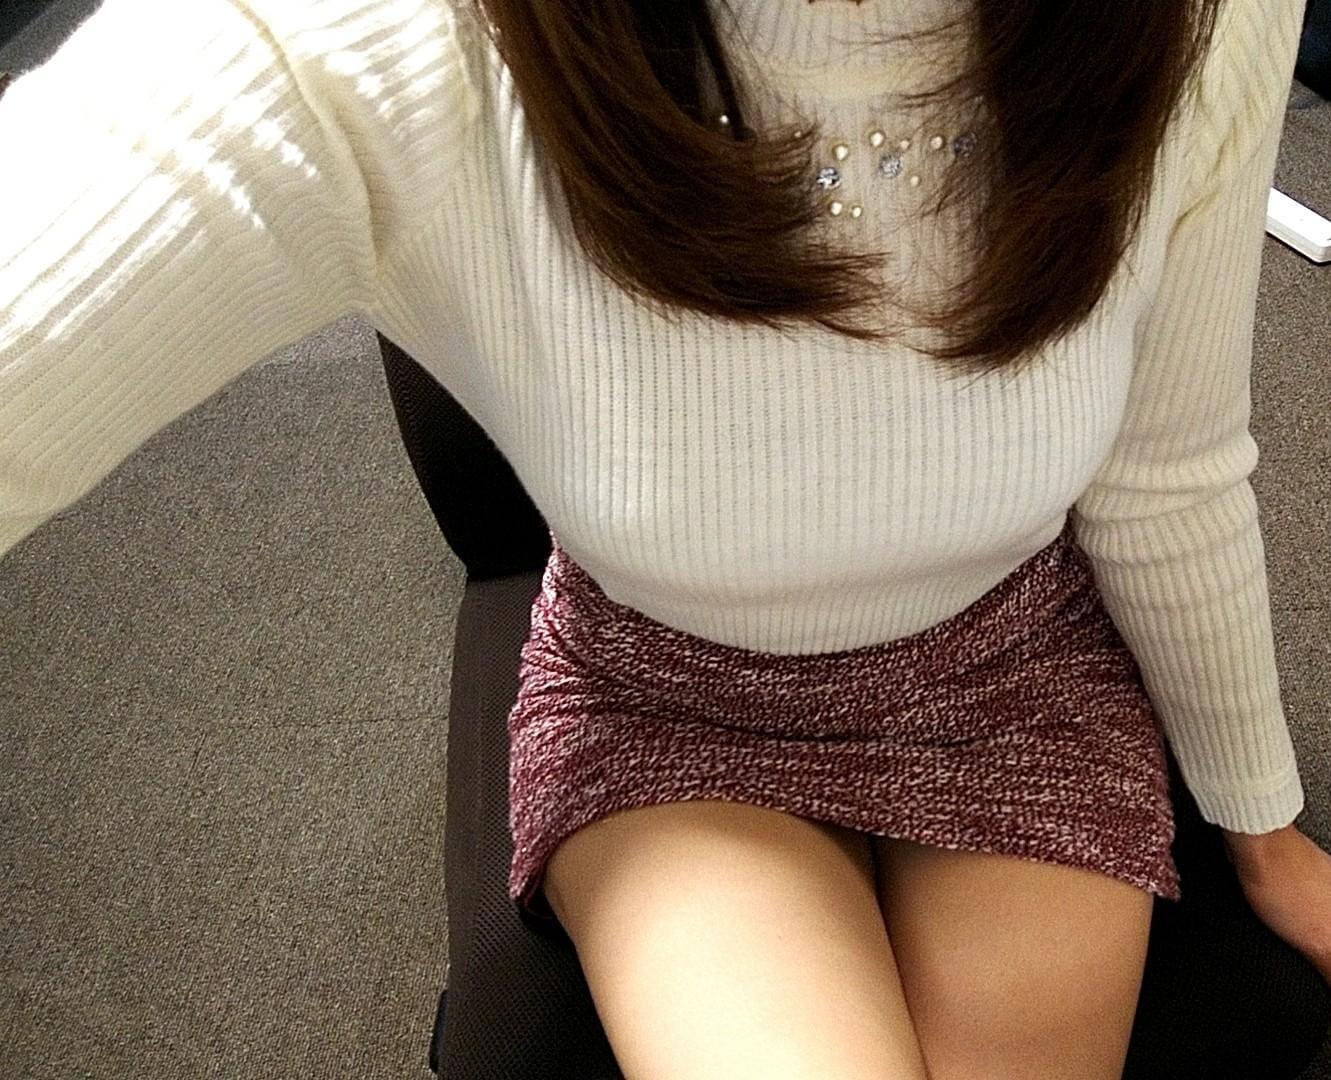 「こんにちは♪」10/20日(土) 12:22 | 宮代まきの写メ・風俗動画